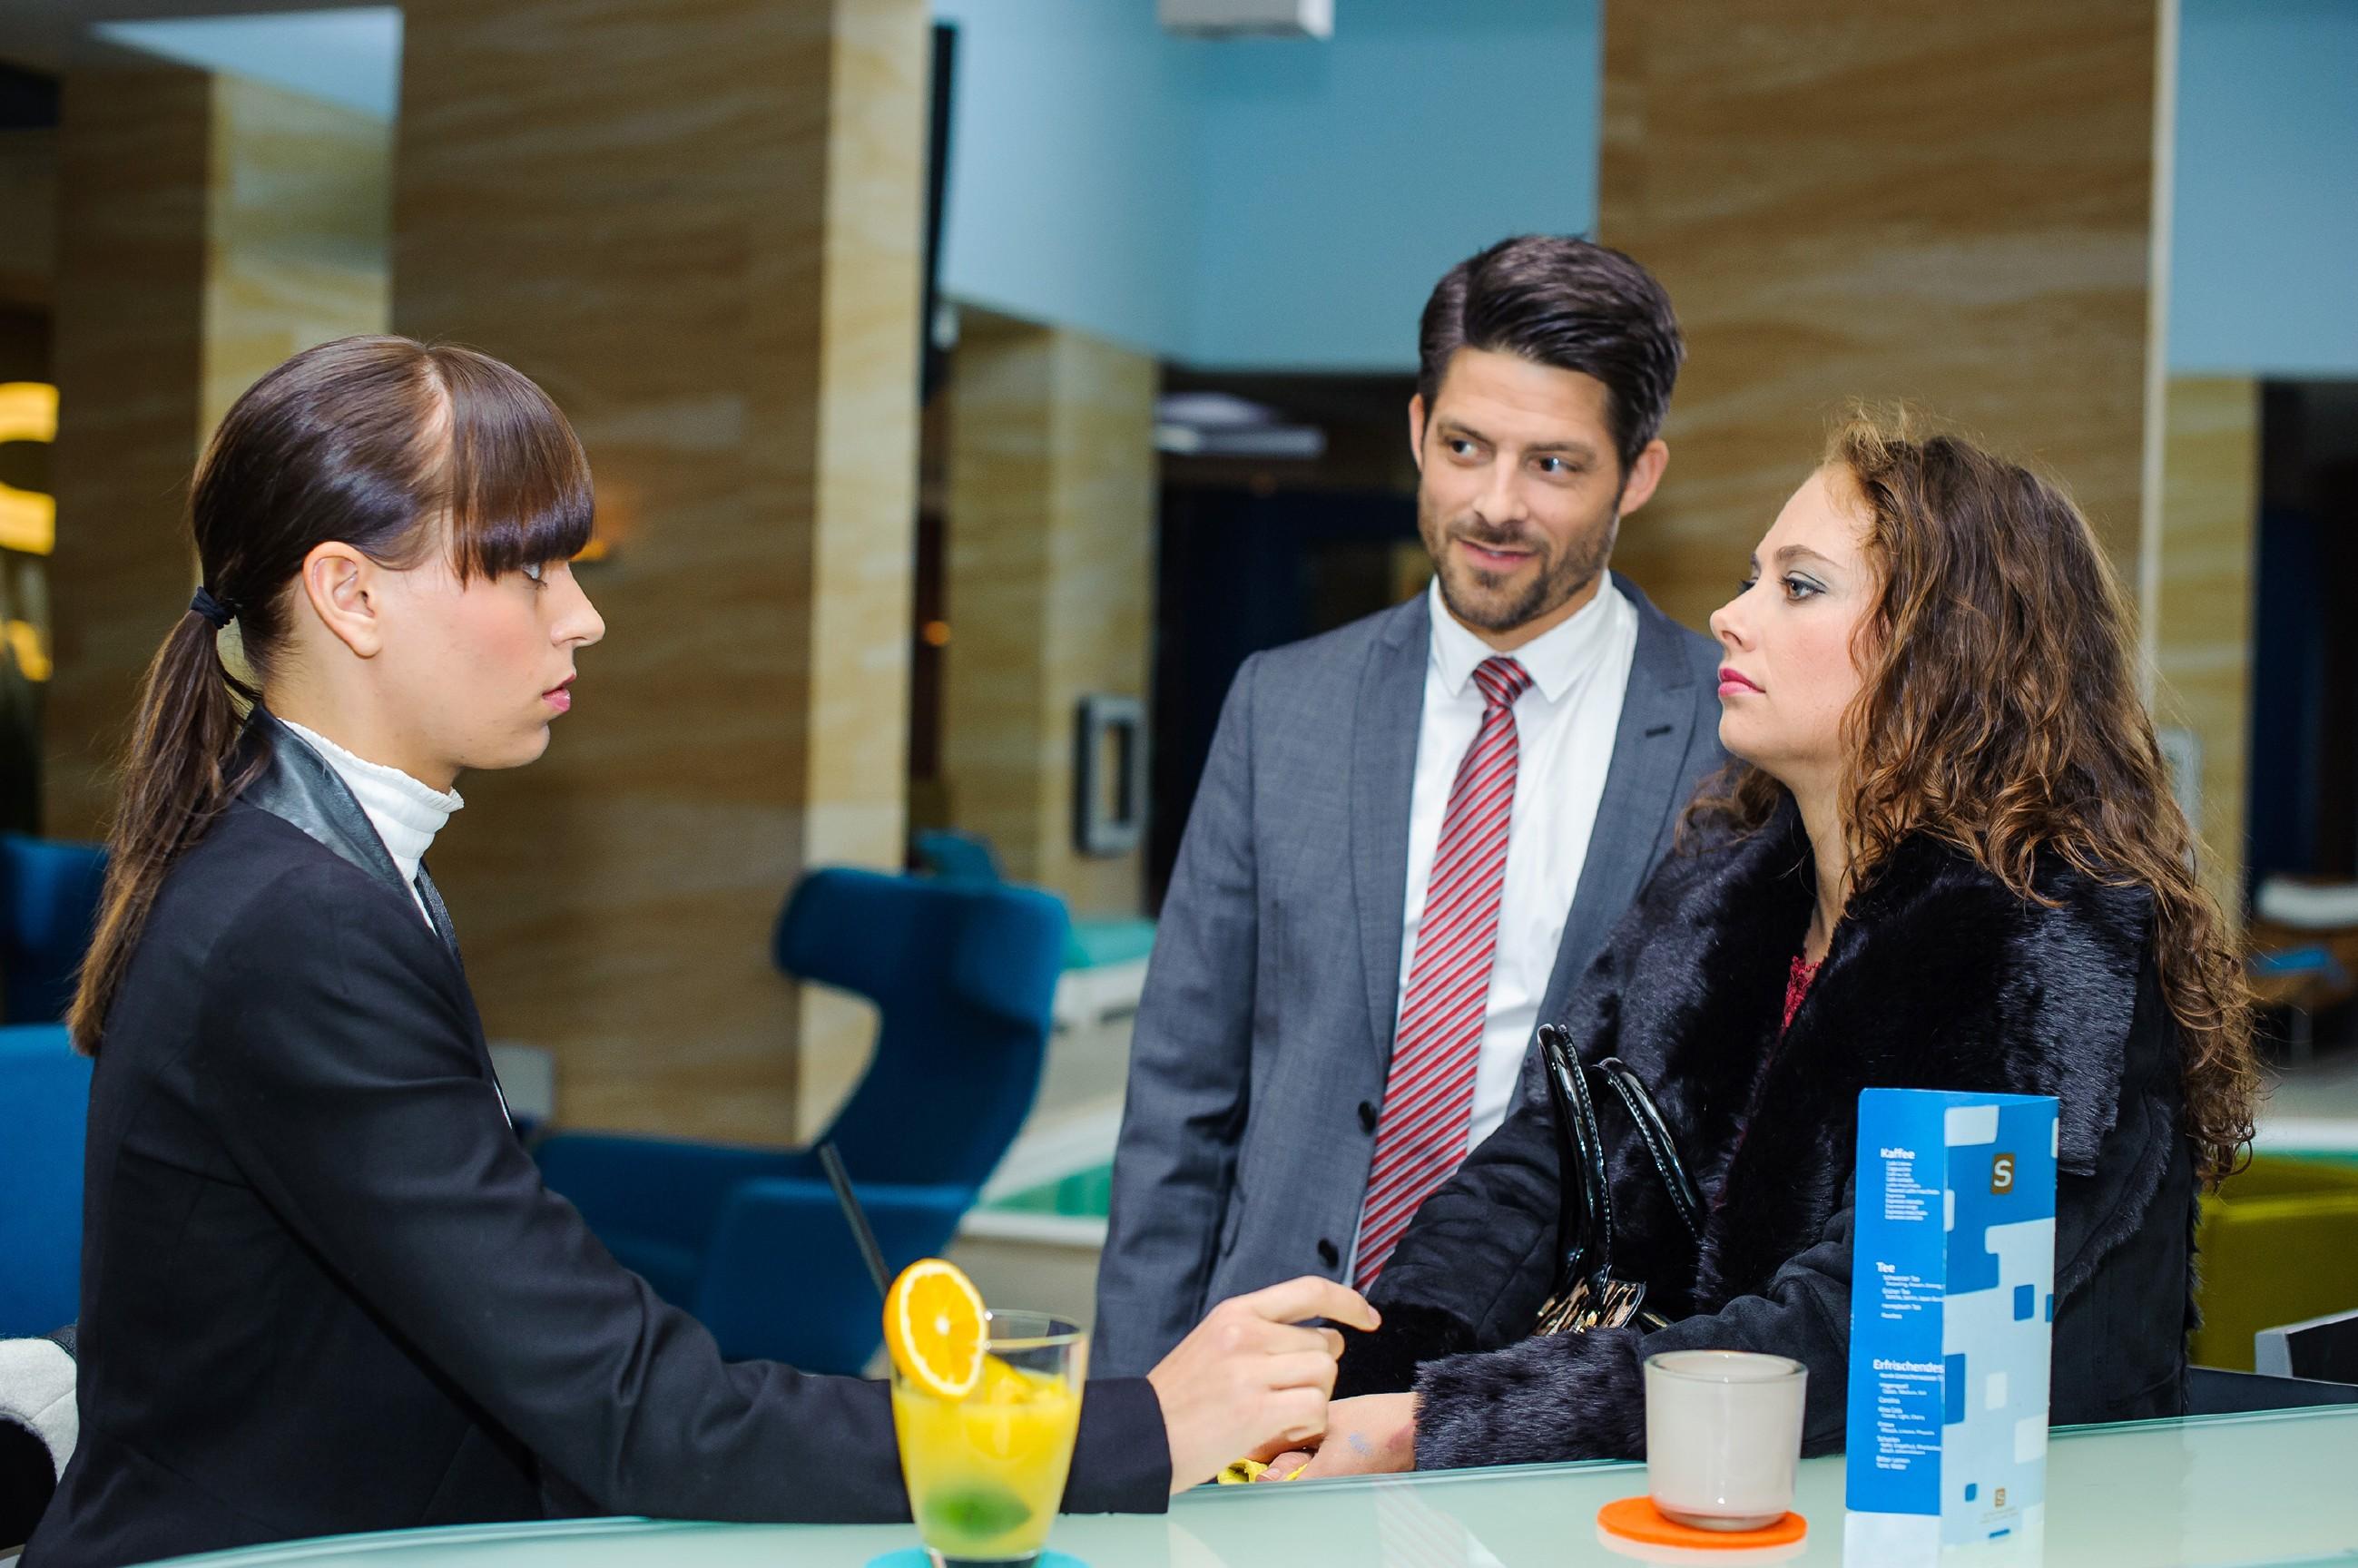 Carmen (Heike Warmuth, r.) betrachtet Vincents (Daniel Buder) Einsatz für Michelle (Franziska Benz) weiterhin skeptisch. (Quelle: RTL / Julia Feldhagen)